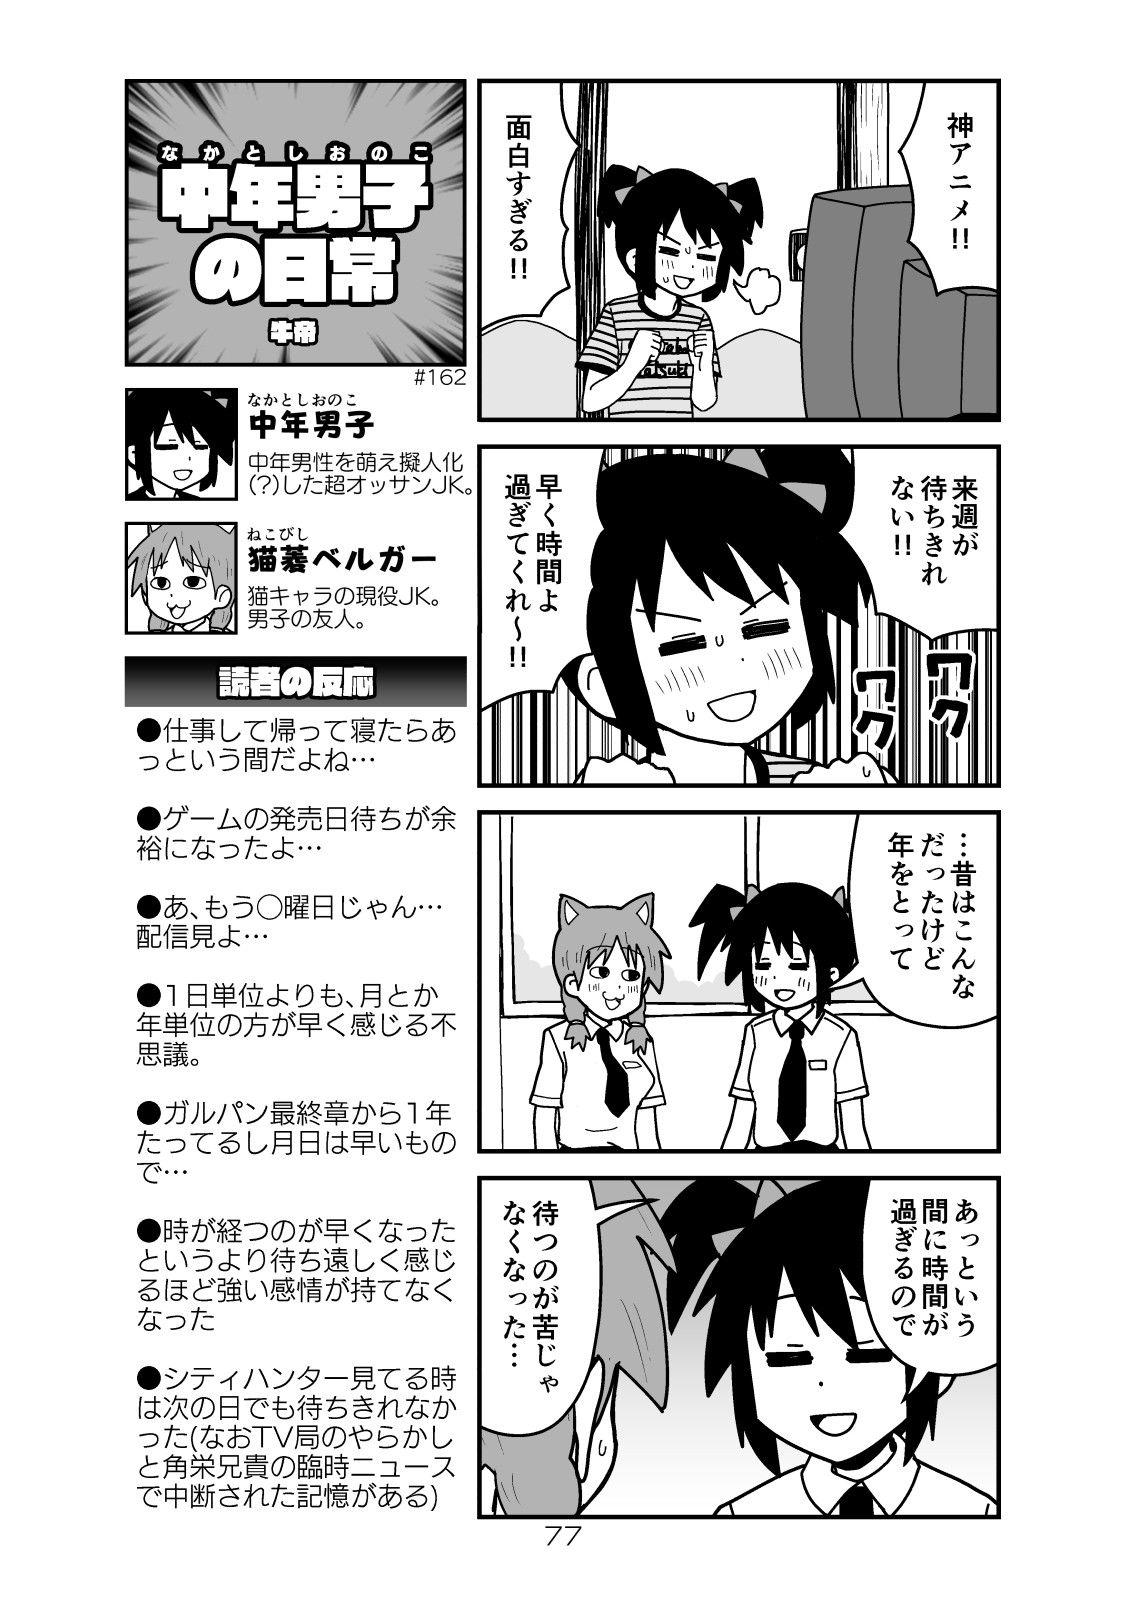 牛帝4コママンガ劇場2019